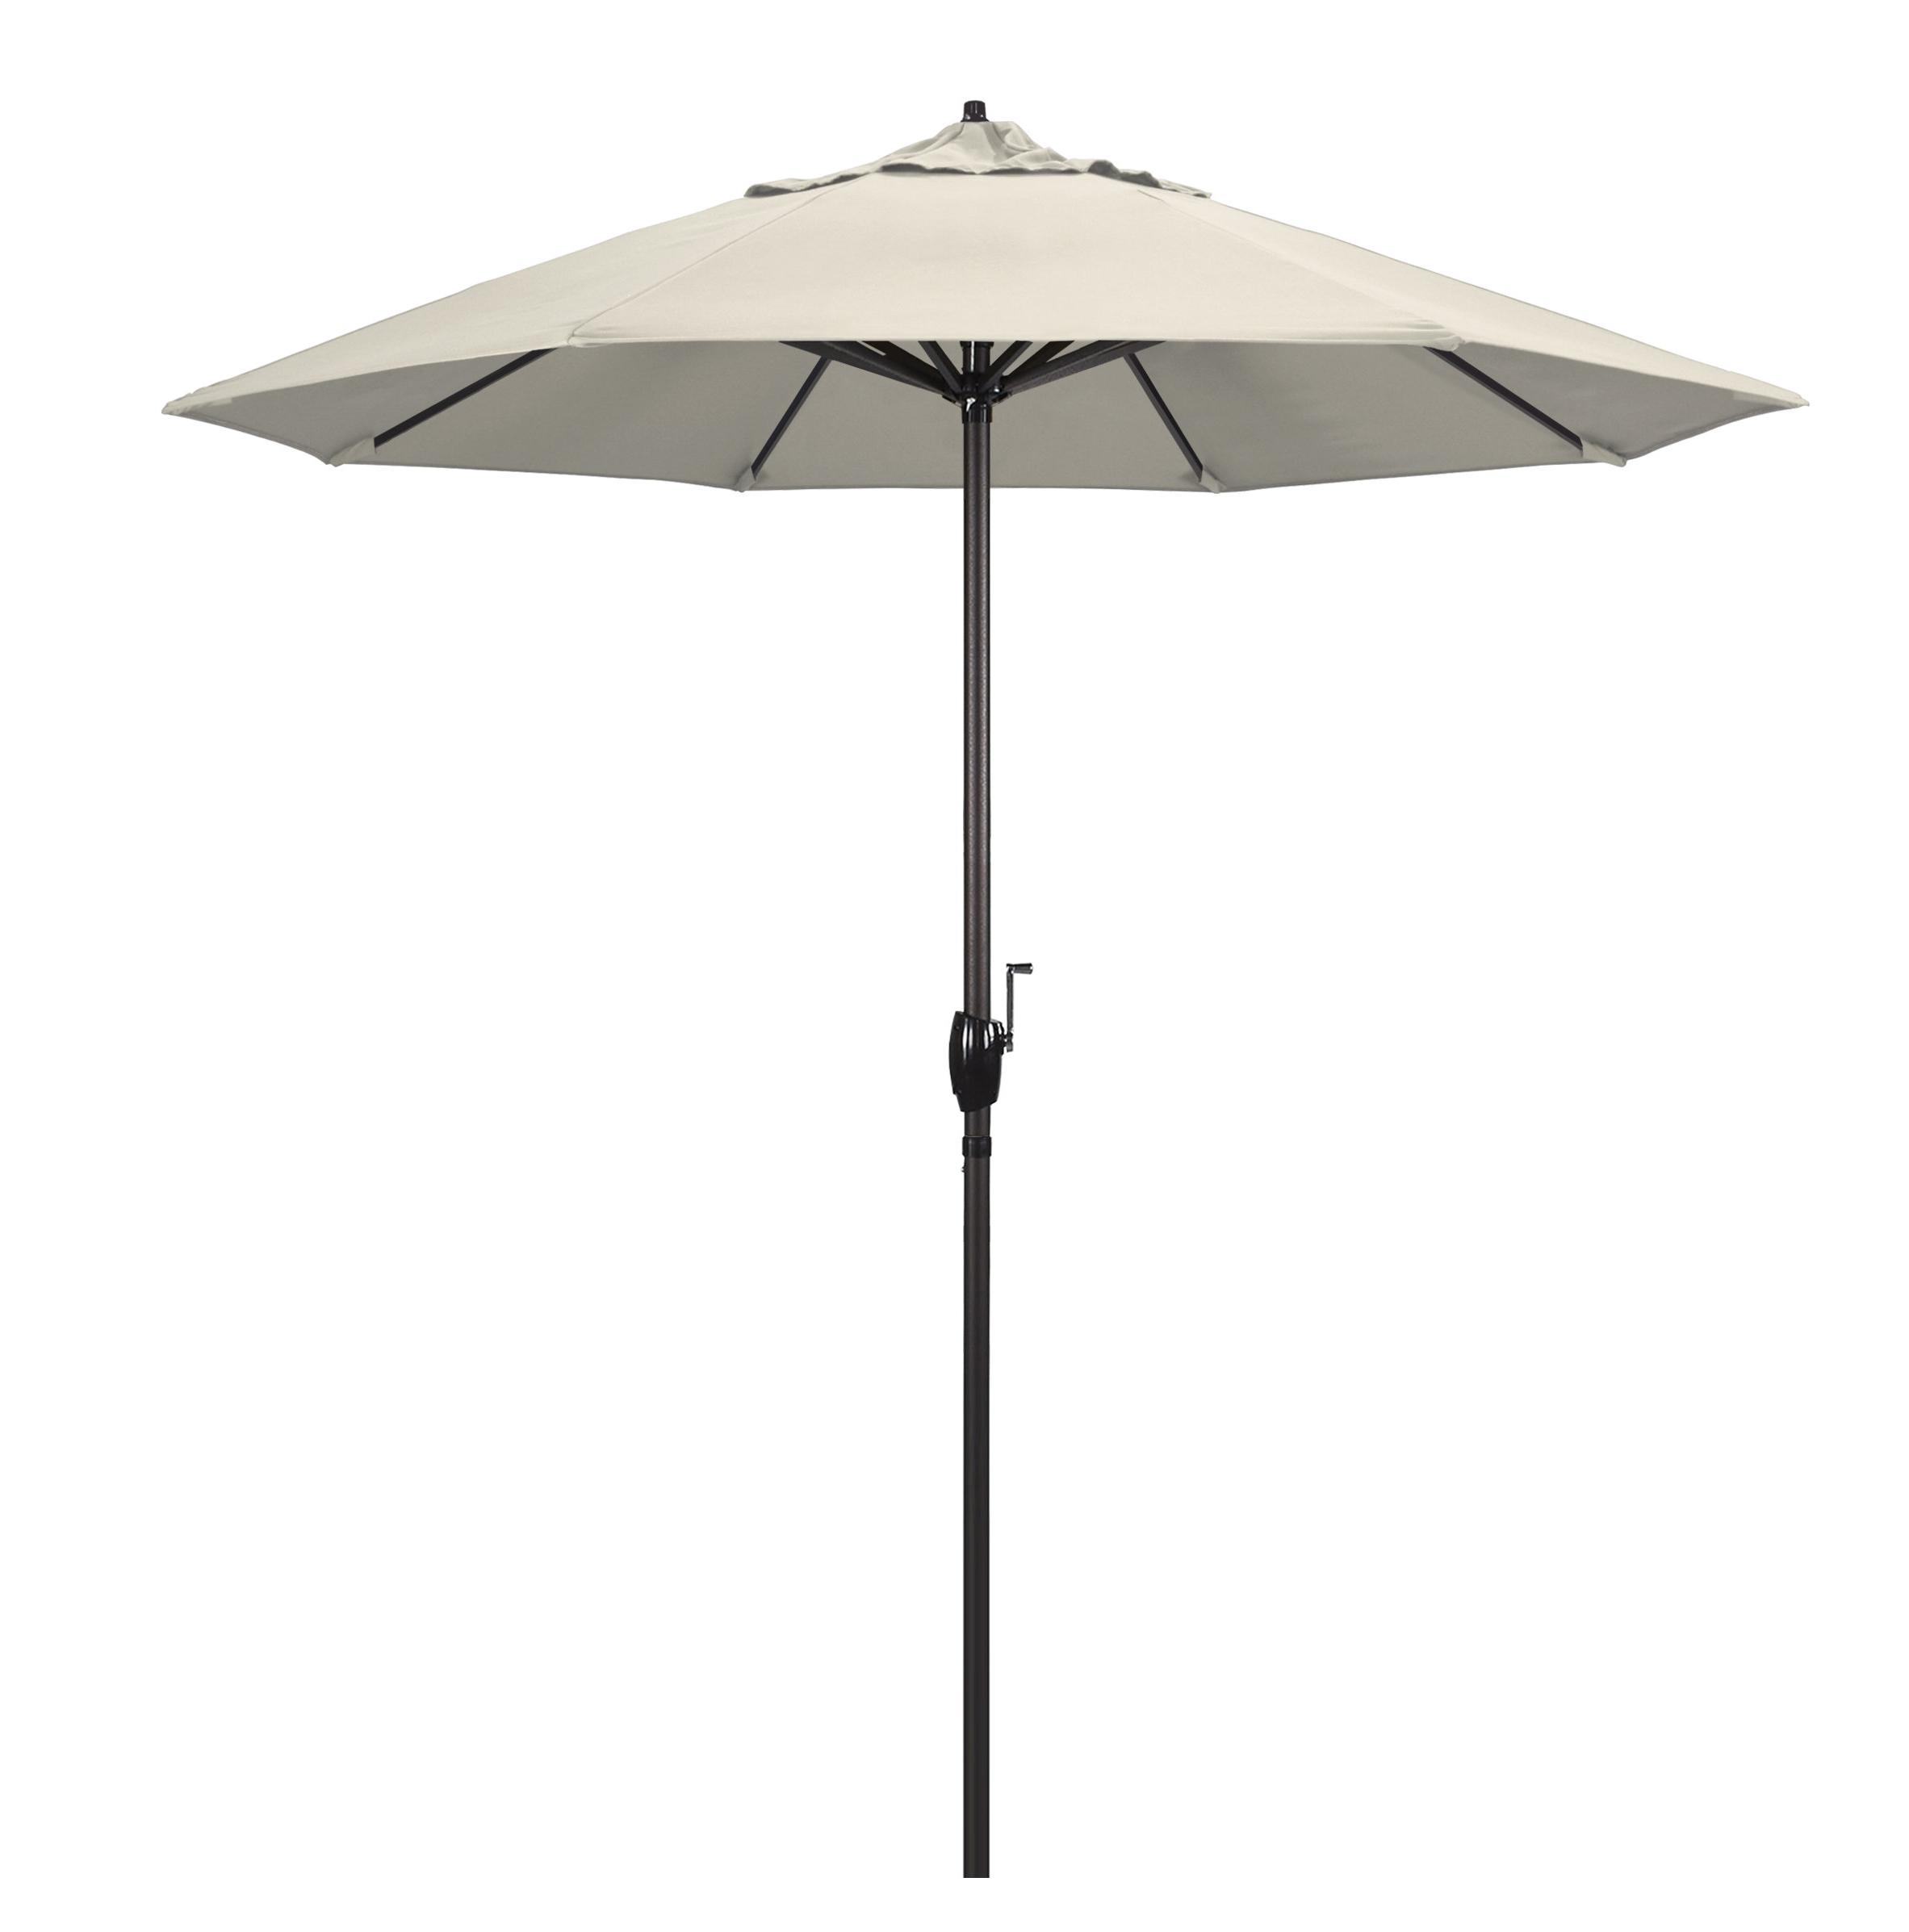 Best And Newest Canora Grey Nunn 8' Market Sunbrella Umbrella Pertaining To Wiechmann Push Tilt Market Sunbrella Umbrellas (Gallery 15 of 20)